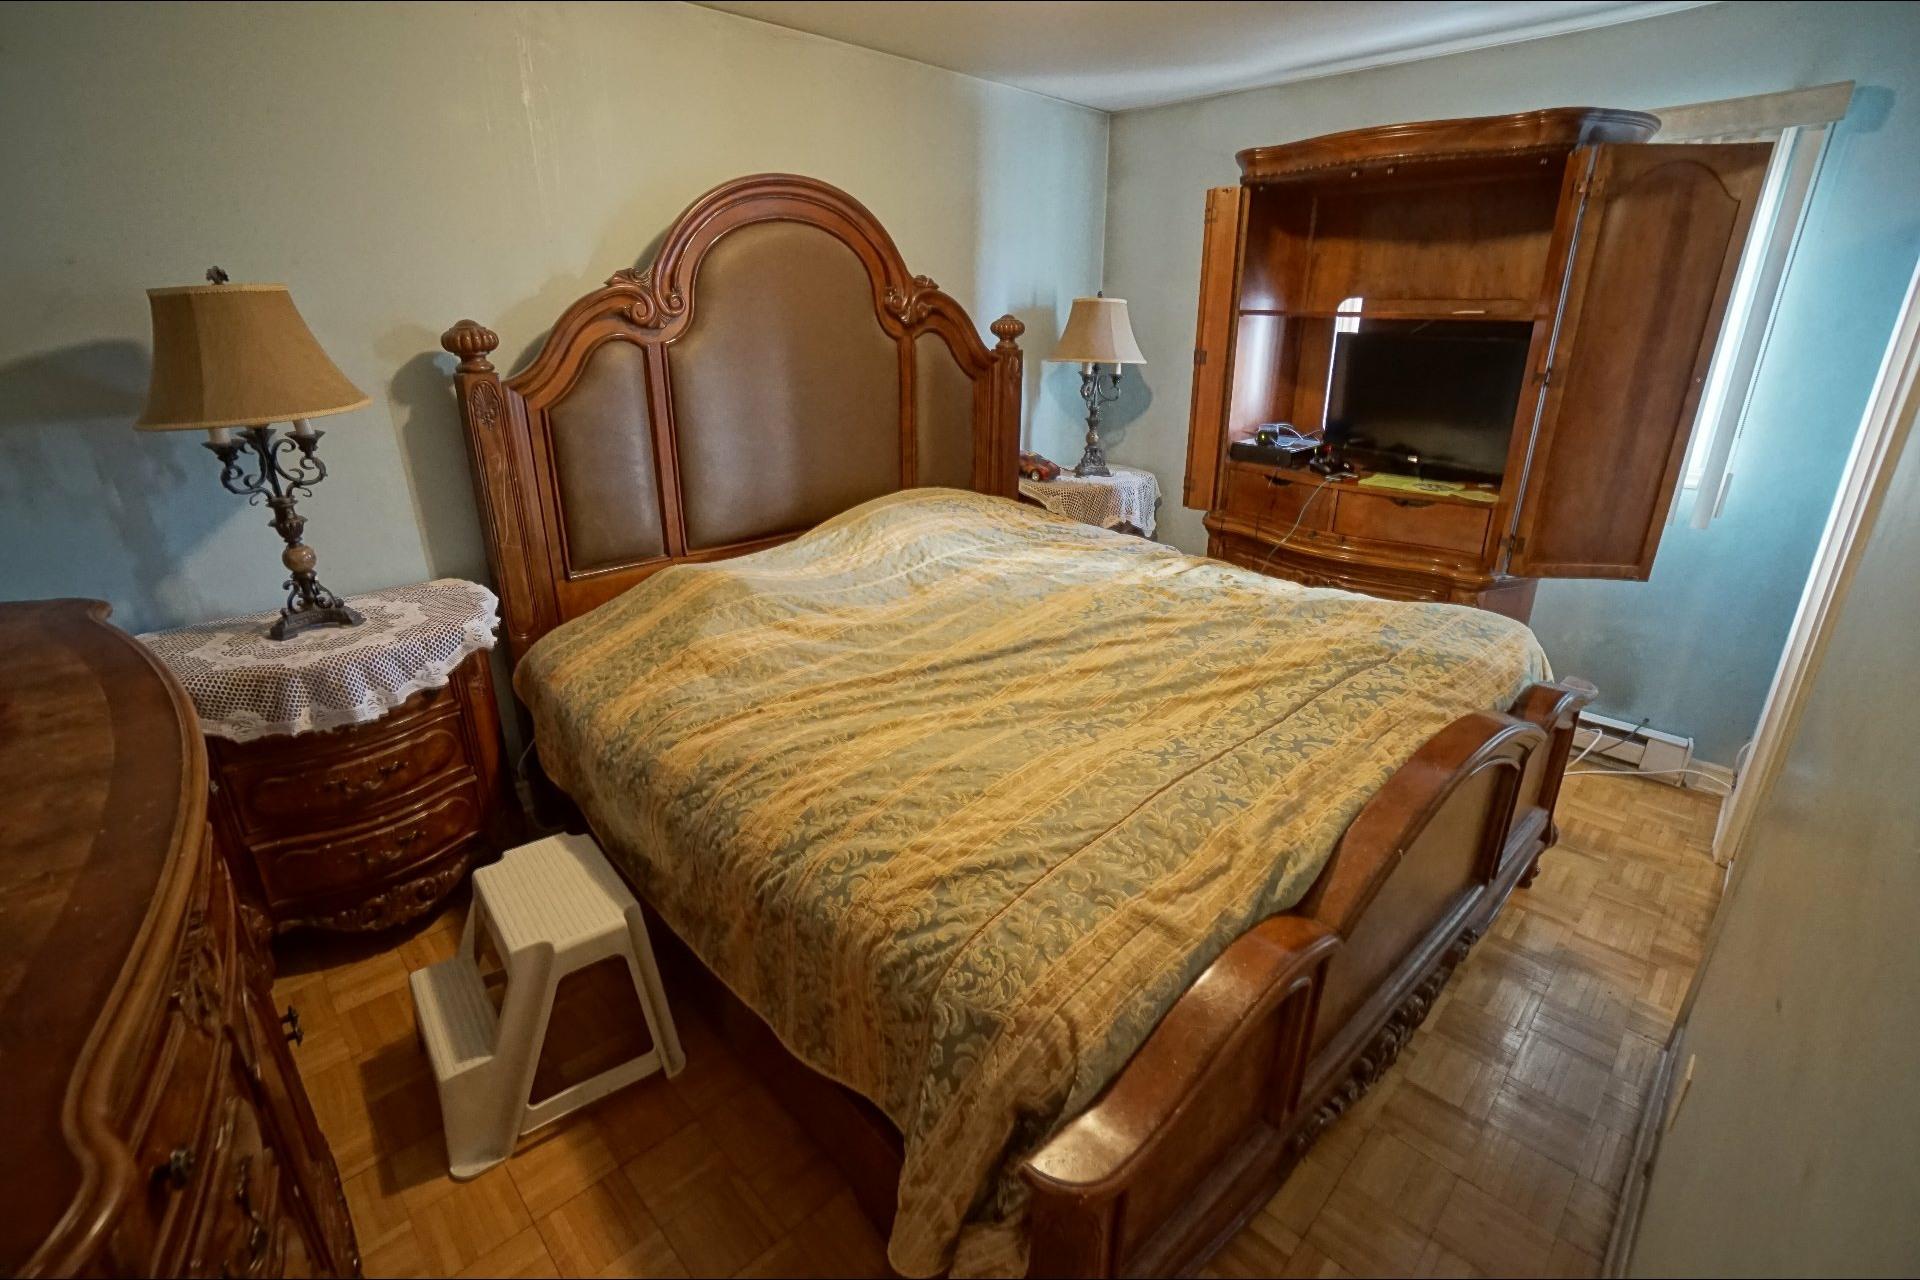 image 5 - Maison À vendre Montréal Rivière-des-Prairies/Pointe-aux-Trembles  - 13 pièces